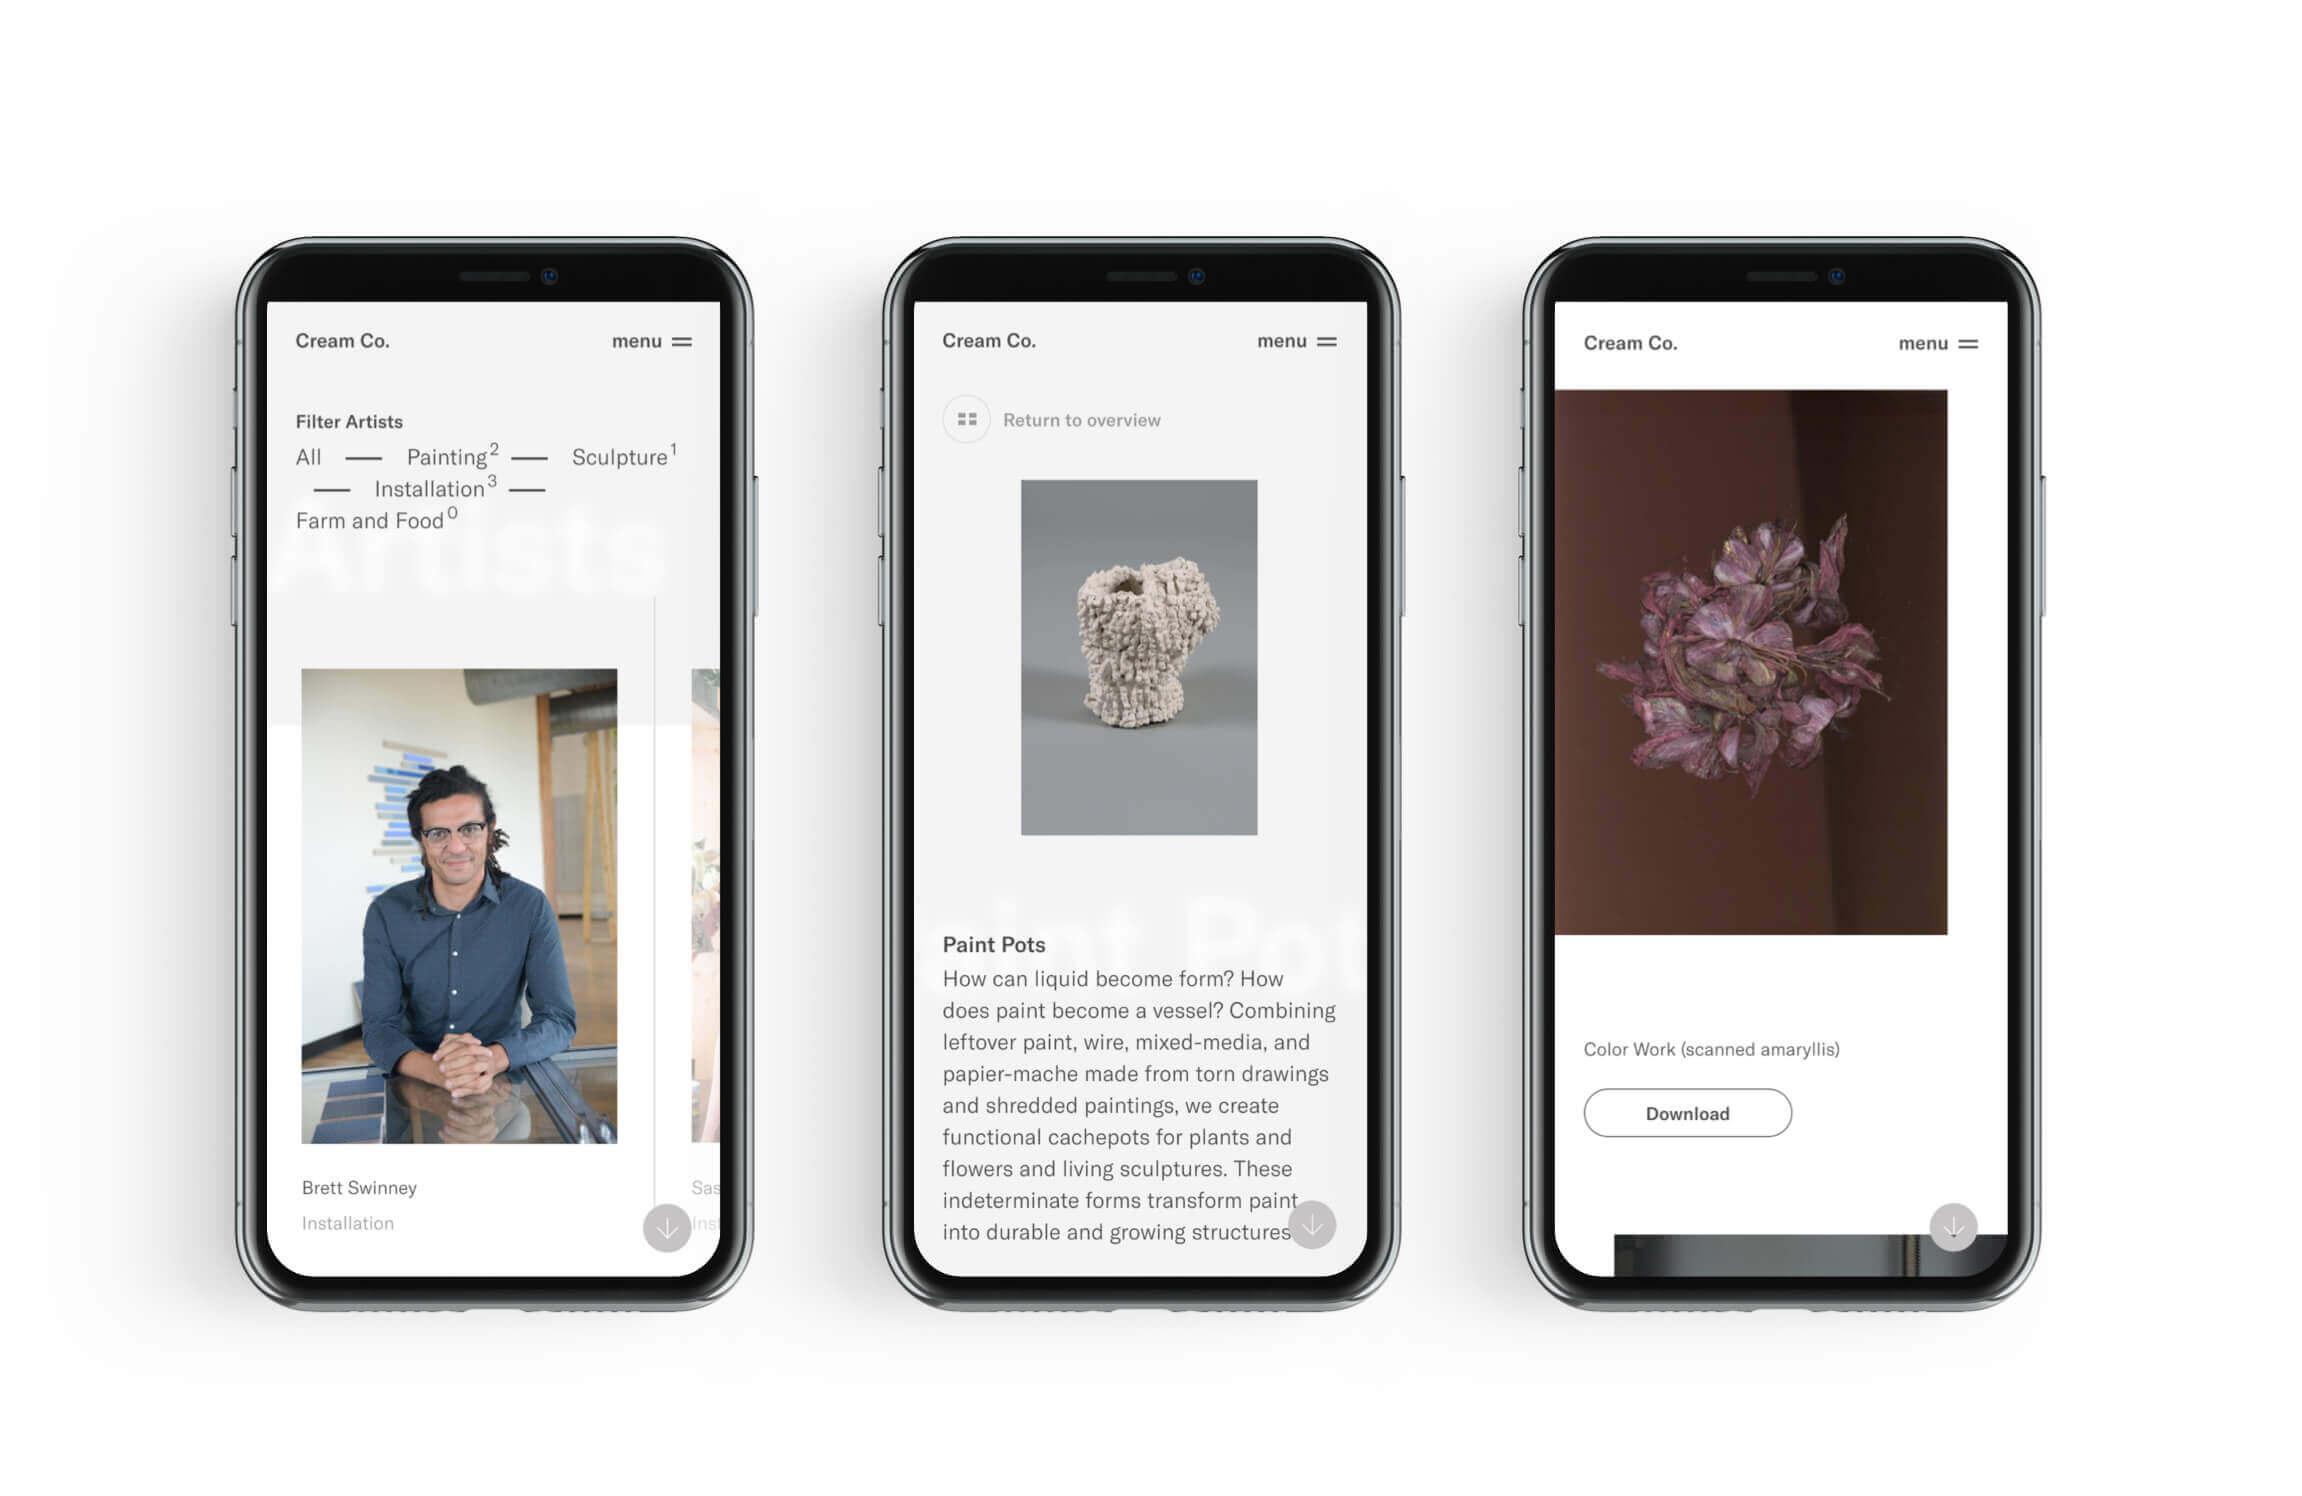 3 mobiele telefoons met afbeeldingen van de Cream Co. website